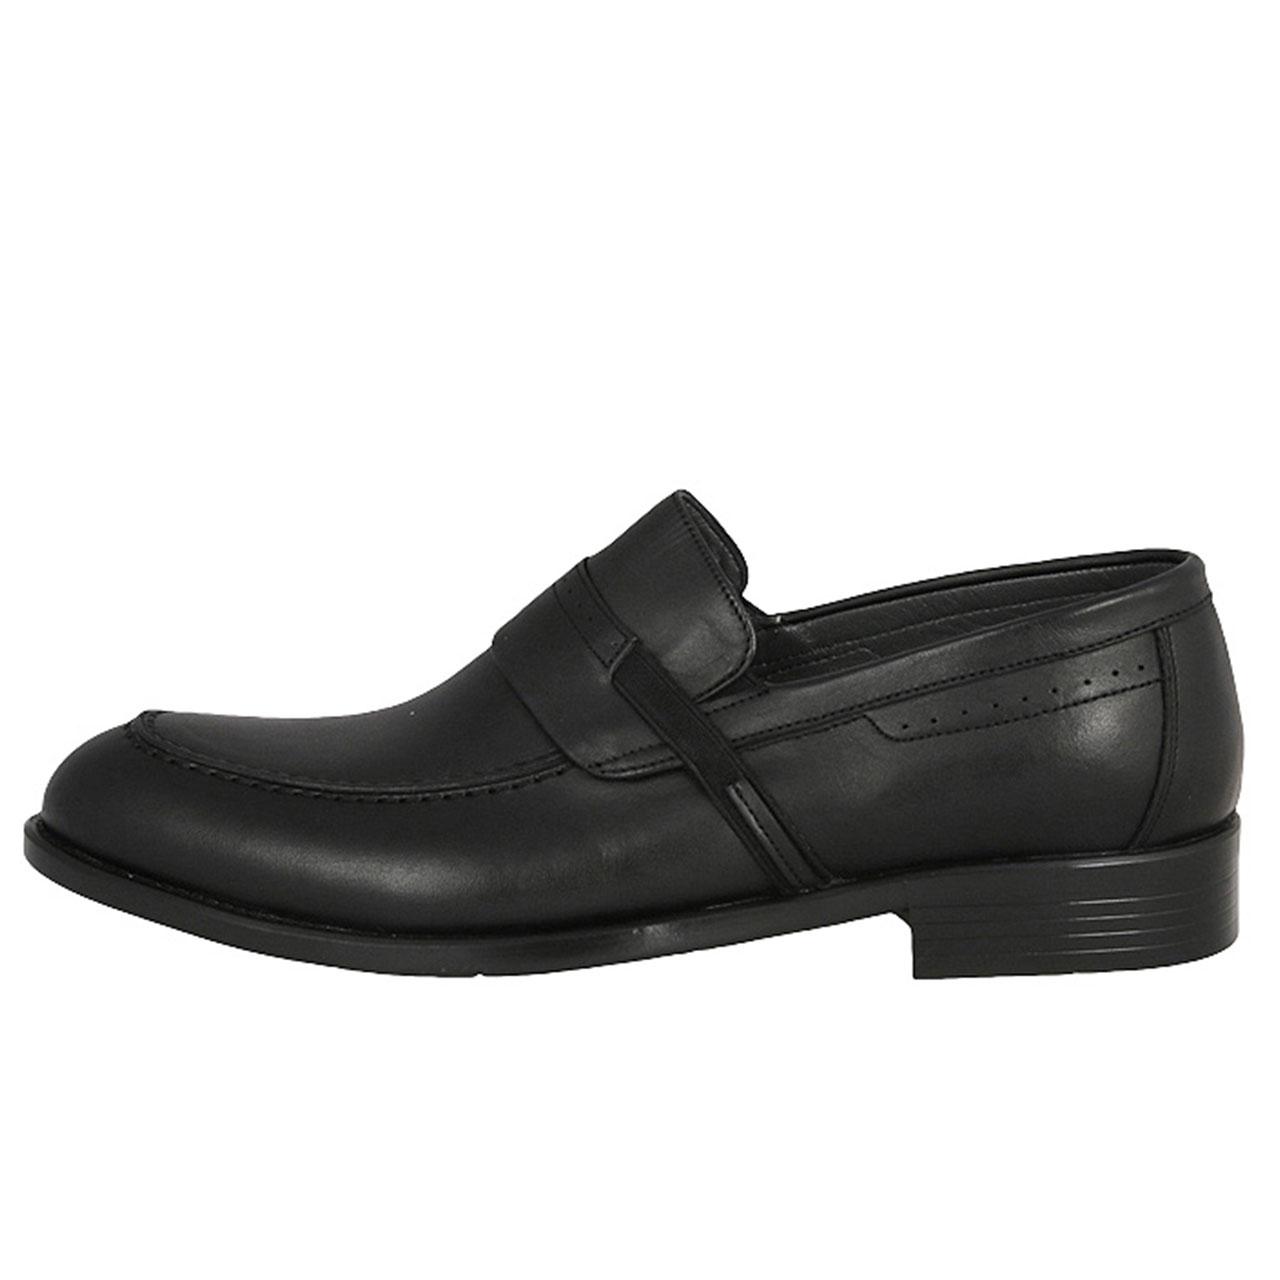 کفش مردانه مدل دامون کد 313050002